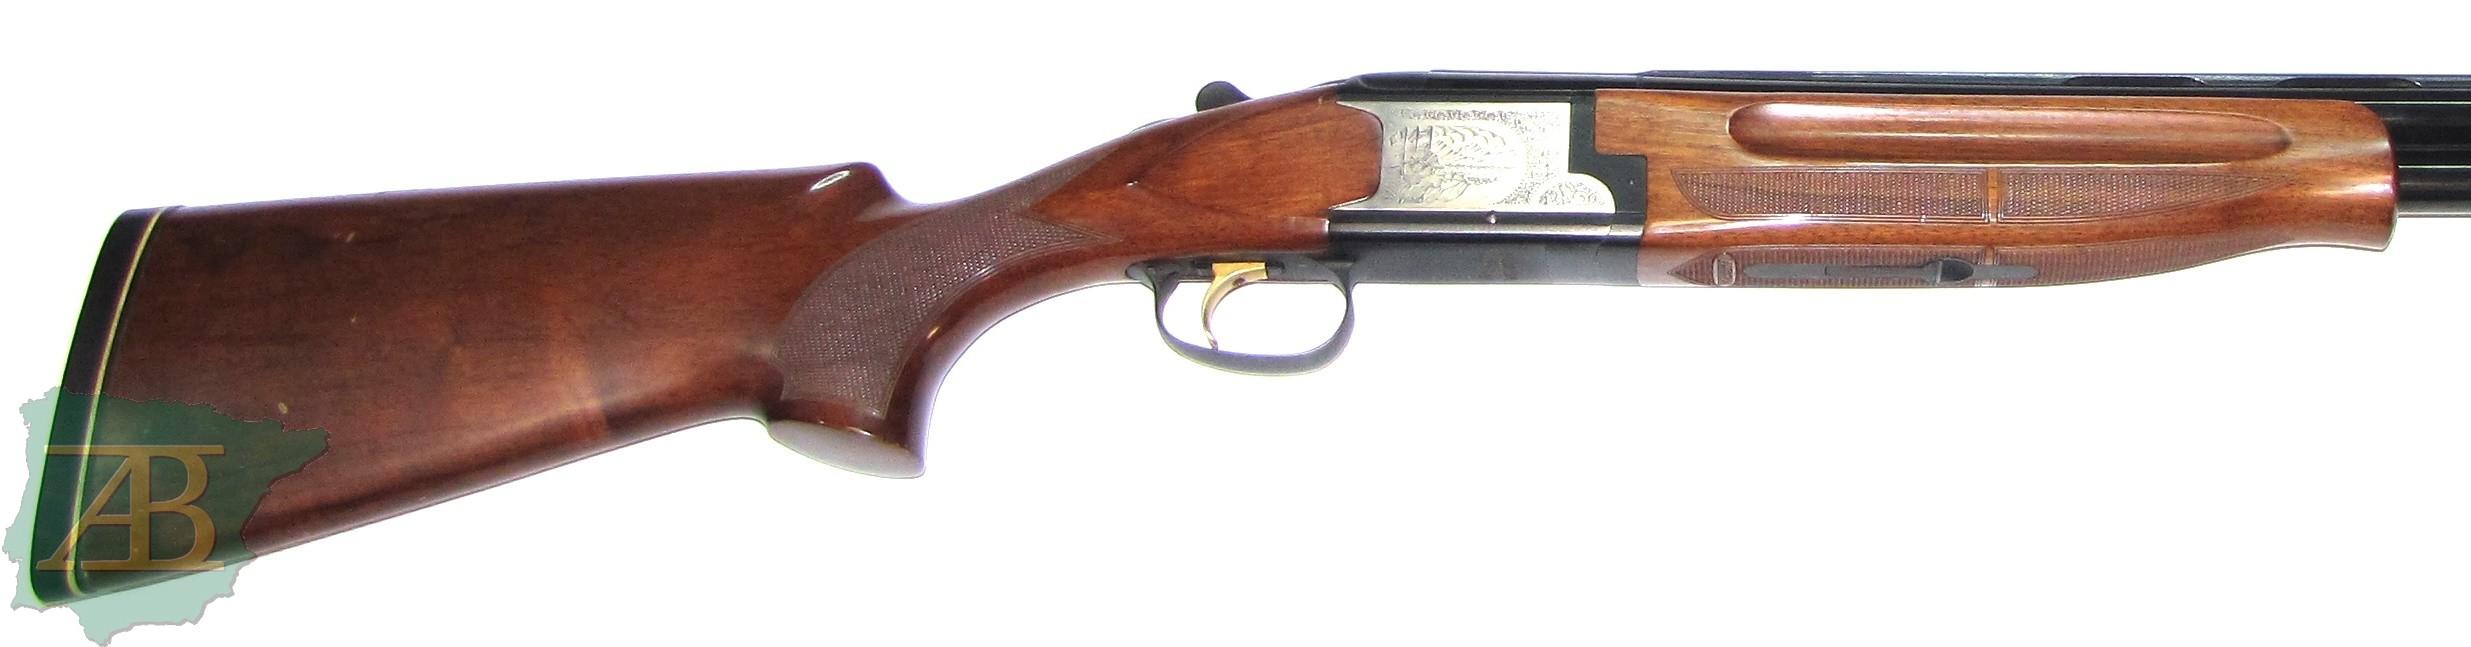 Escopeta superpuesta de SPORTING LAURONA Ref 5531-armeriaiberica-2